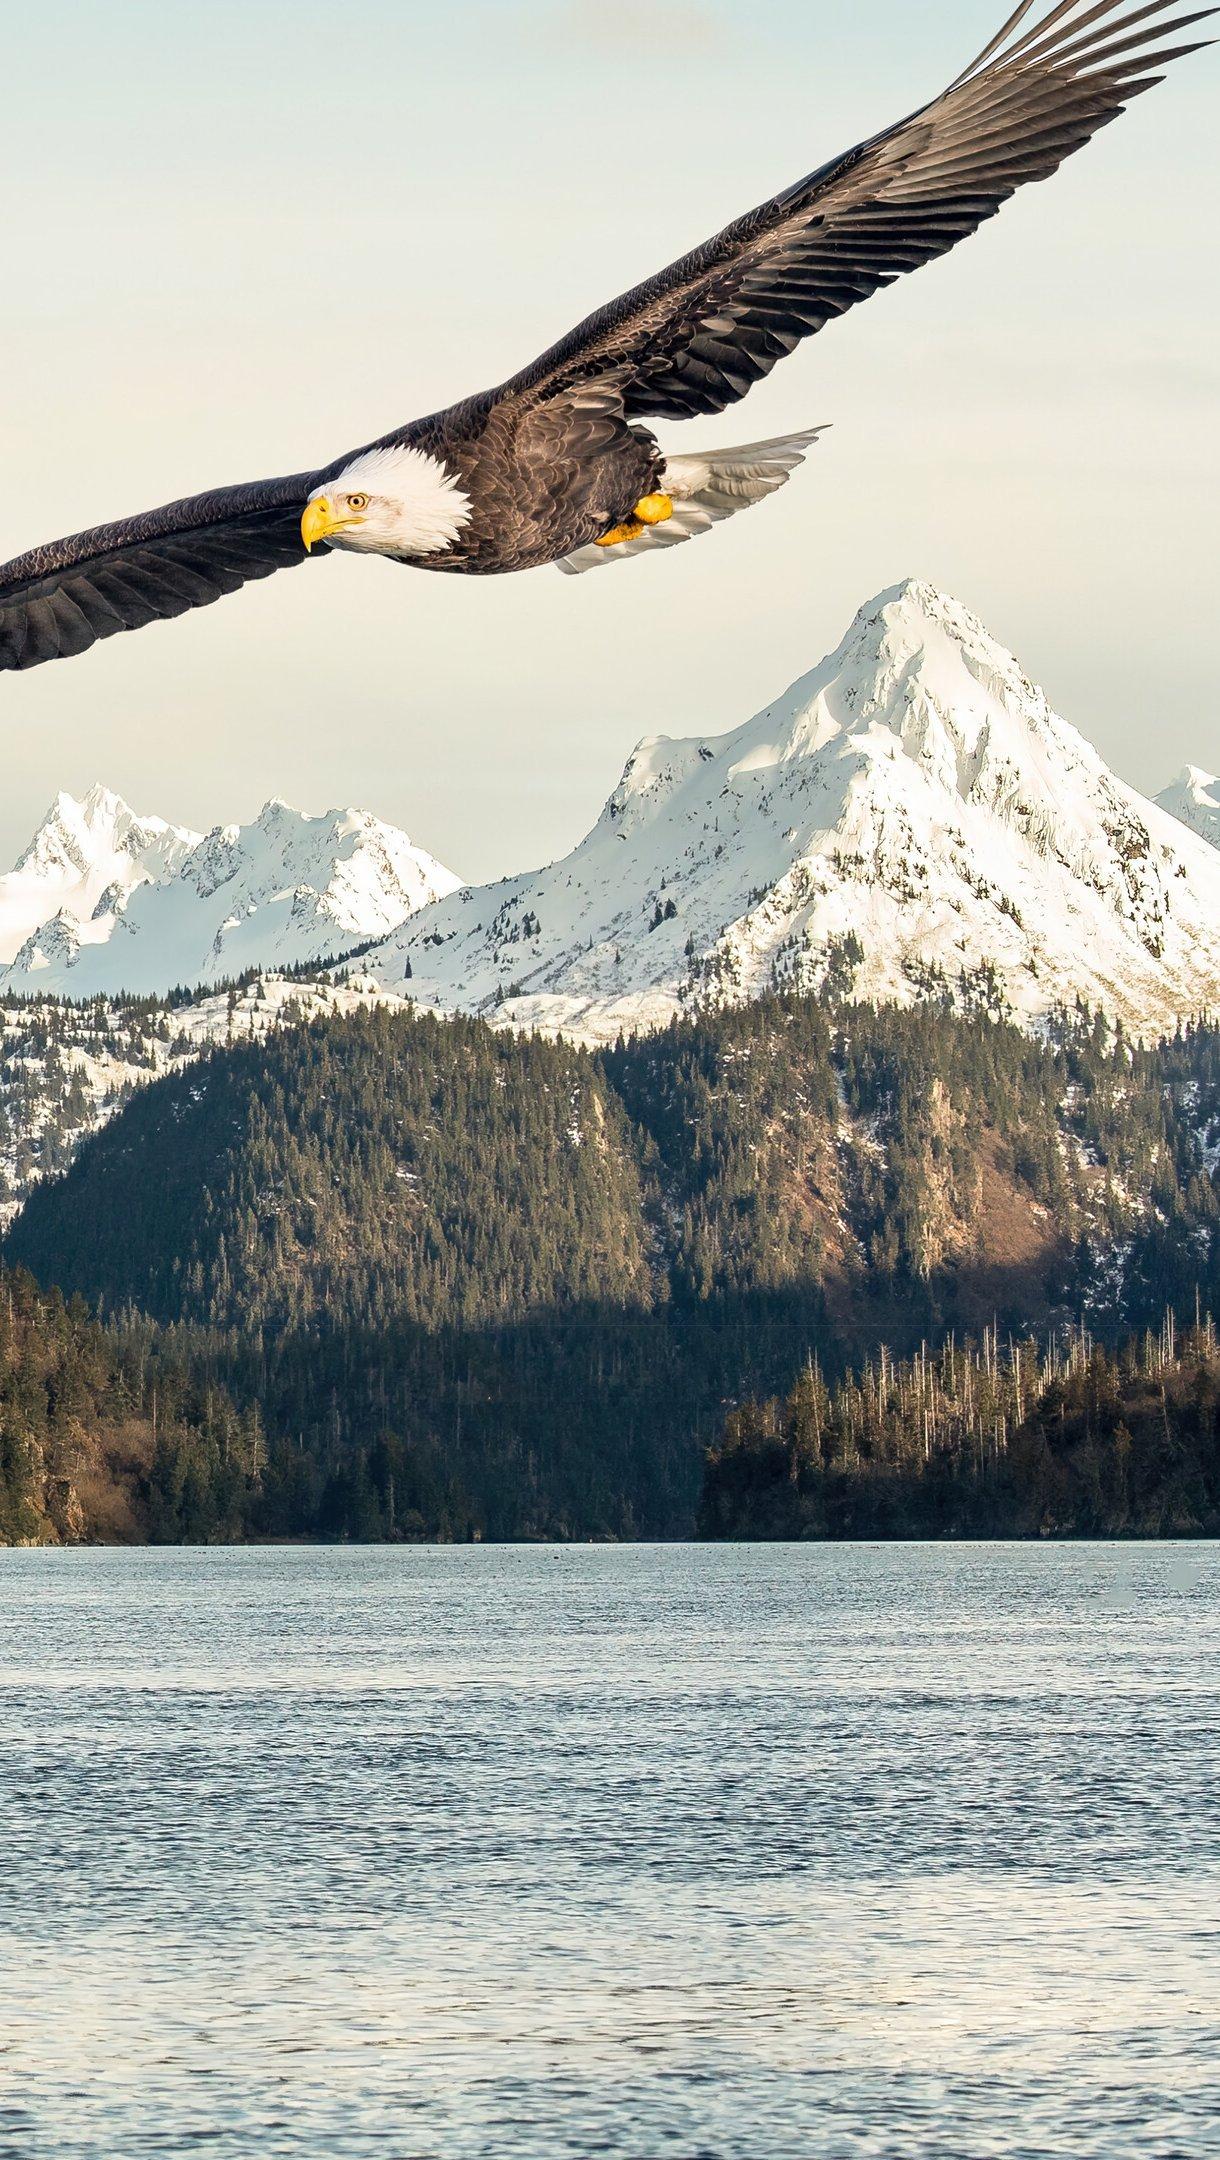 Wallpaper Eagle flying over lake Vertical